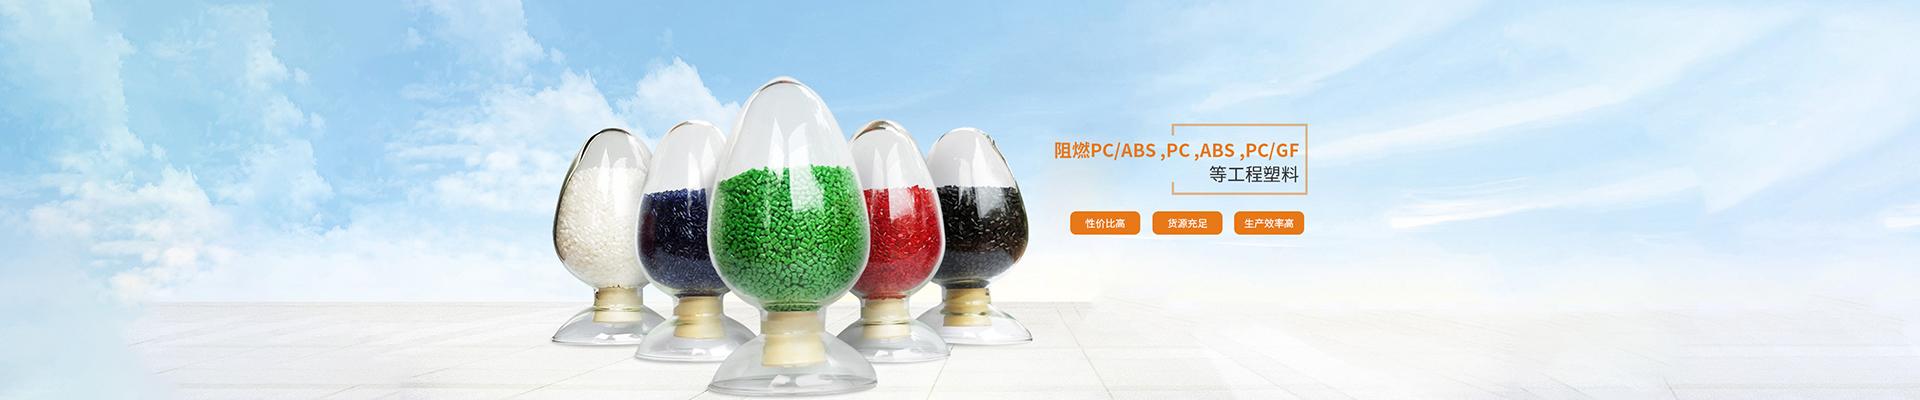 苏州PC/GF塑料